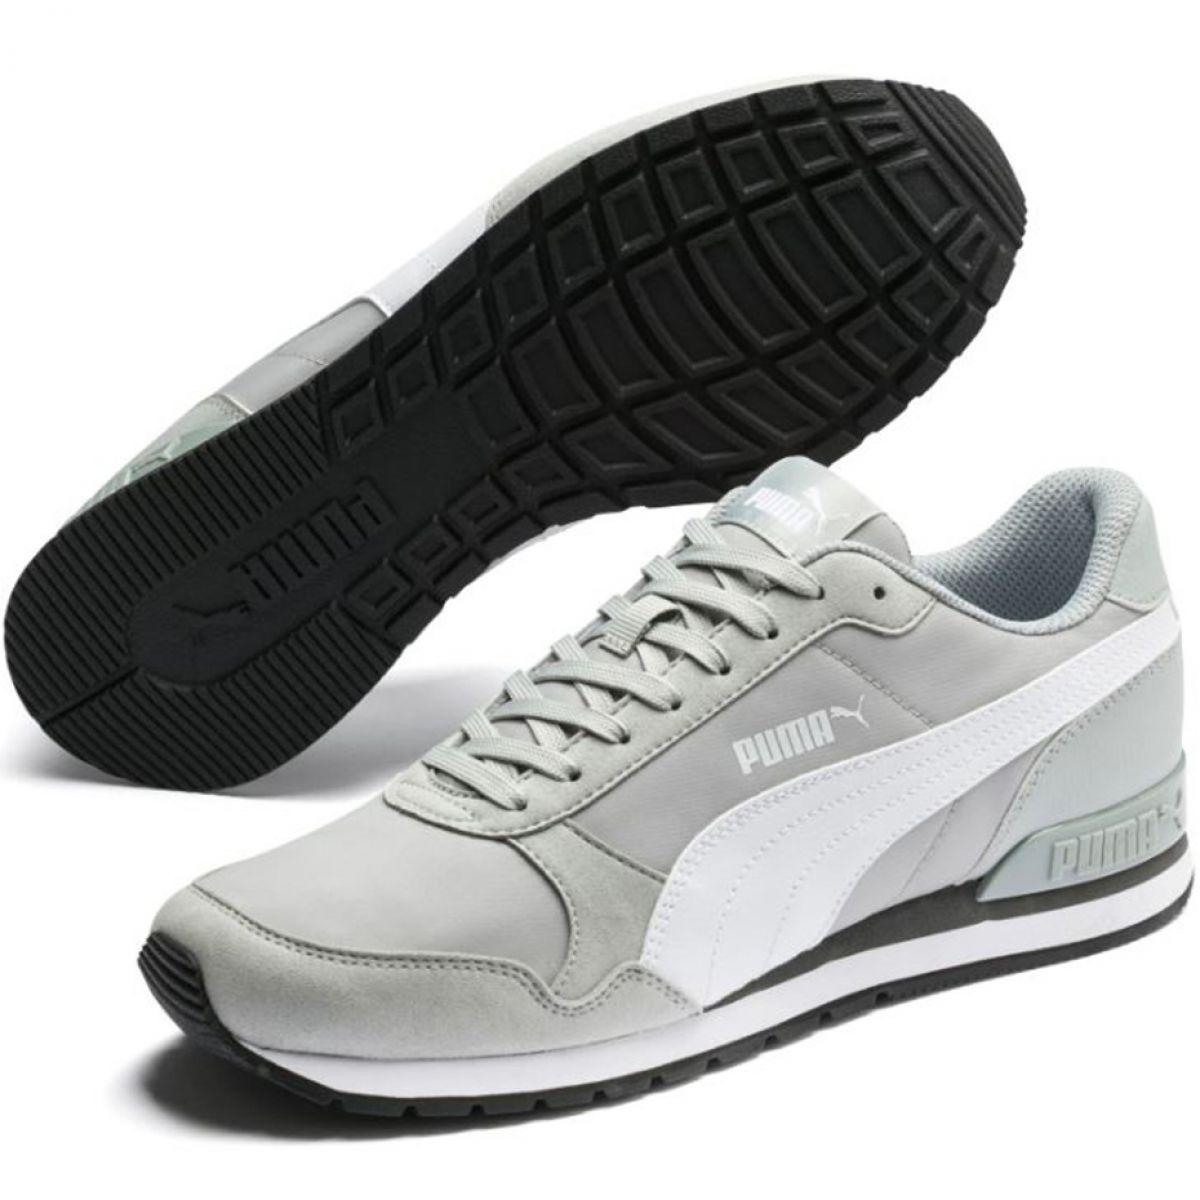 Puma St Runner v2 Nl M 365278 24 shoes